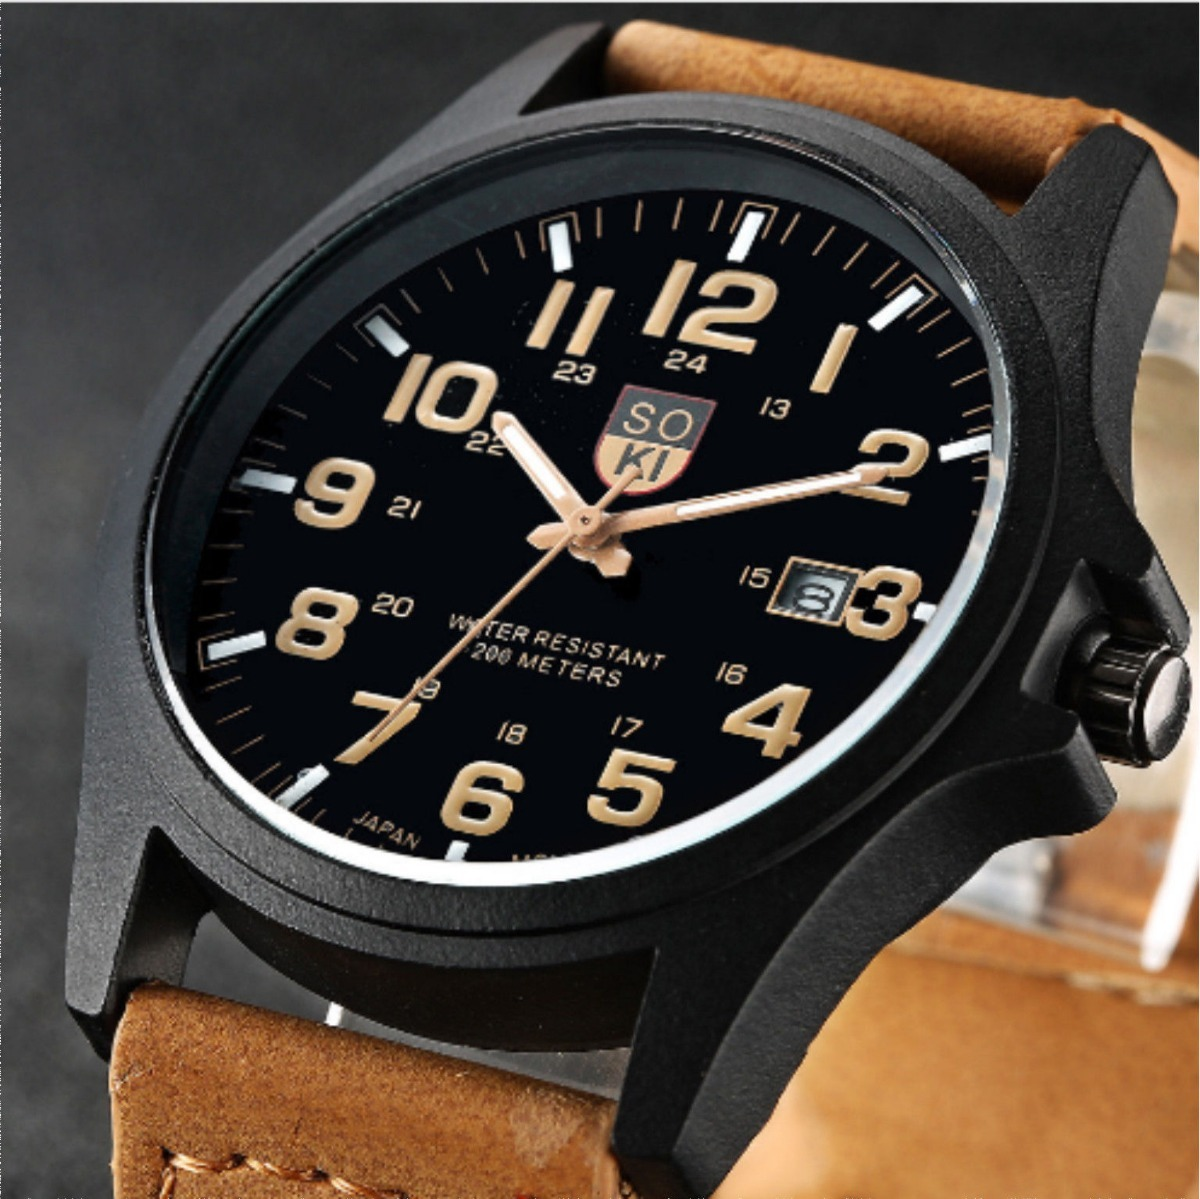 a2169f7826a7 Reloj De Caballero Soki - 3 Bar - Deportivo